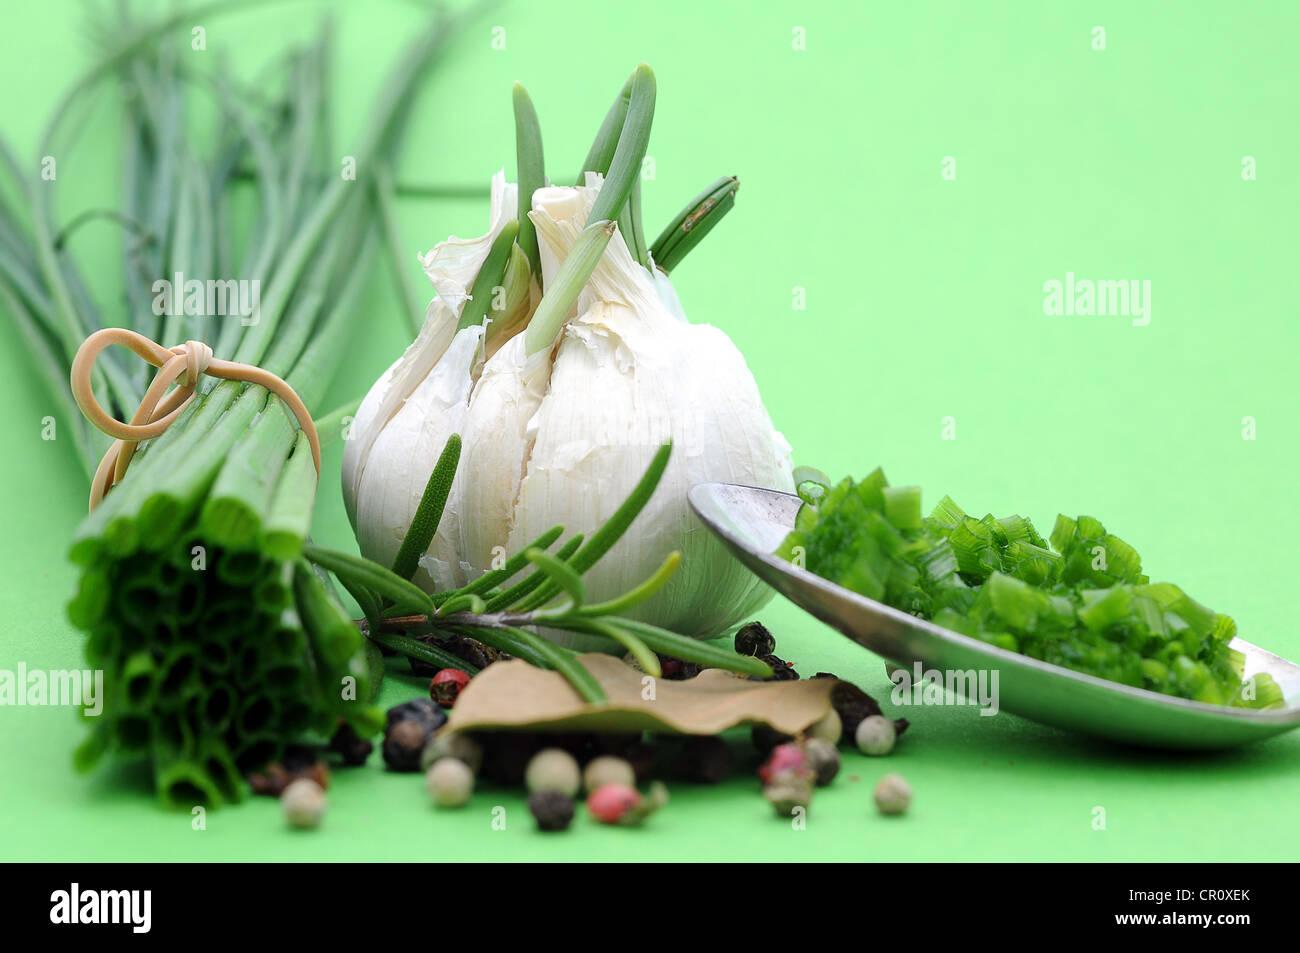 Les herbes et épices, la ciboulette, l'ail, le romarin, le poivre, la feuille de laurier Photo Stock